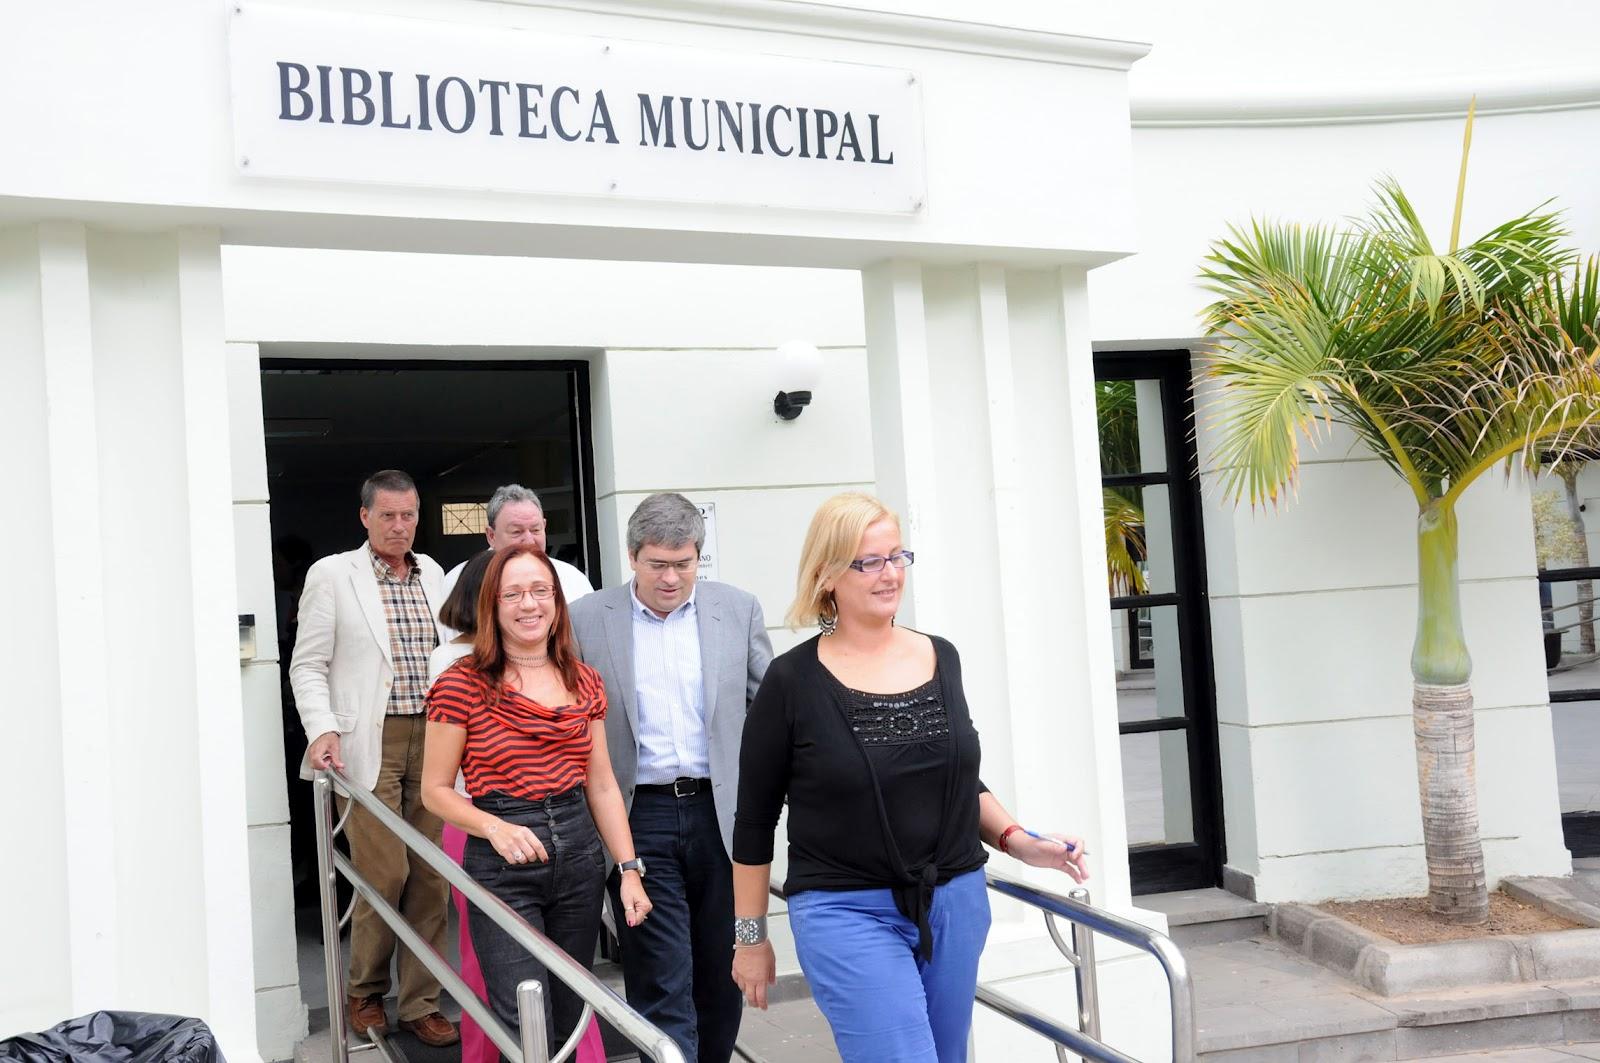 MaspalomasActualidad.com: 05/14/12